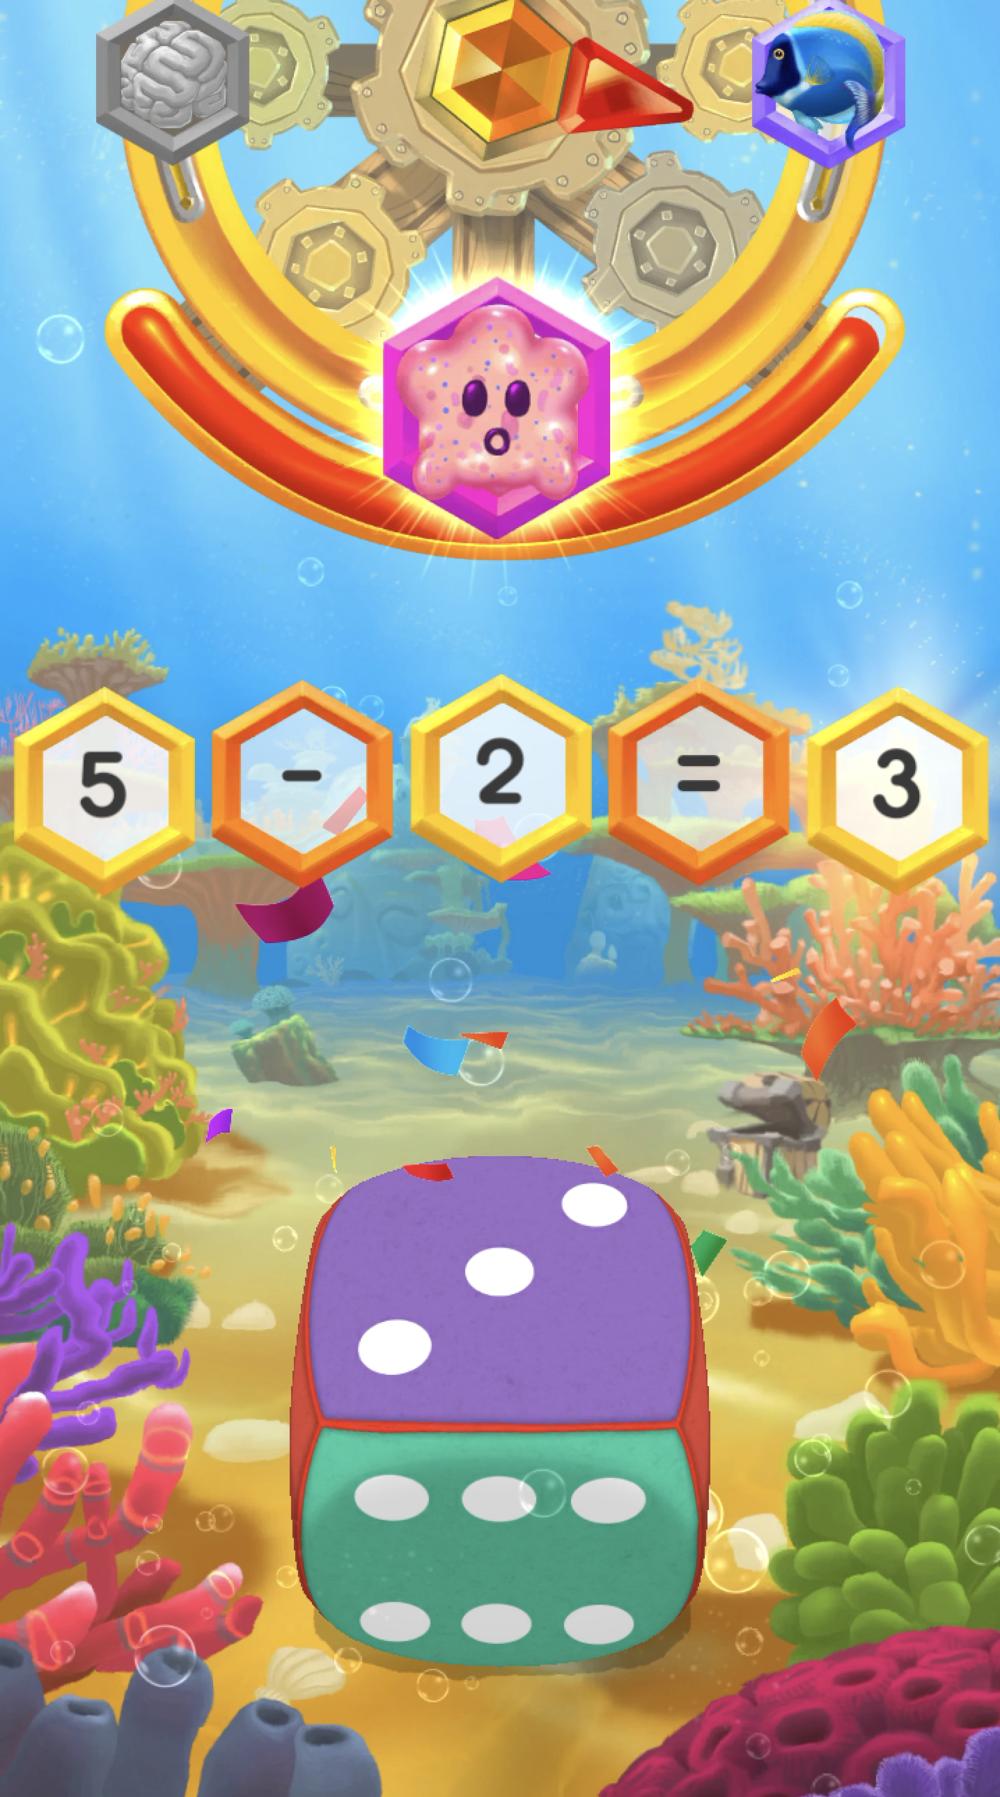 화면에 나타나는 산수 문제를 잘 풀고, 답에 해당하는 숫자의면이 위에 오도록 주사위를 놓아주세요!